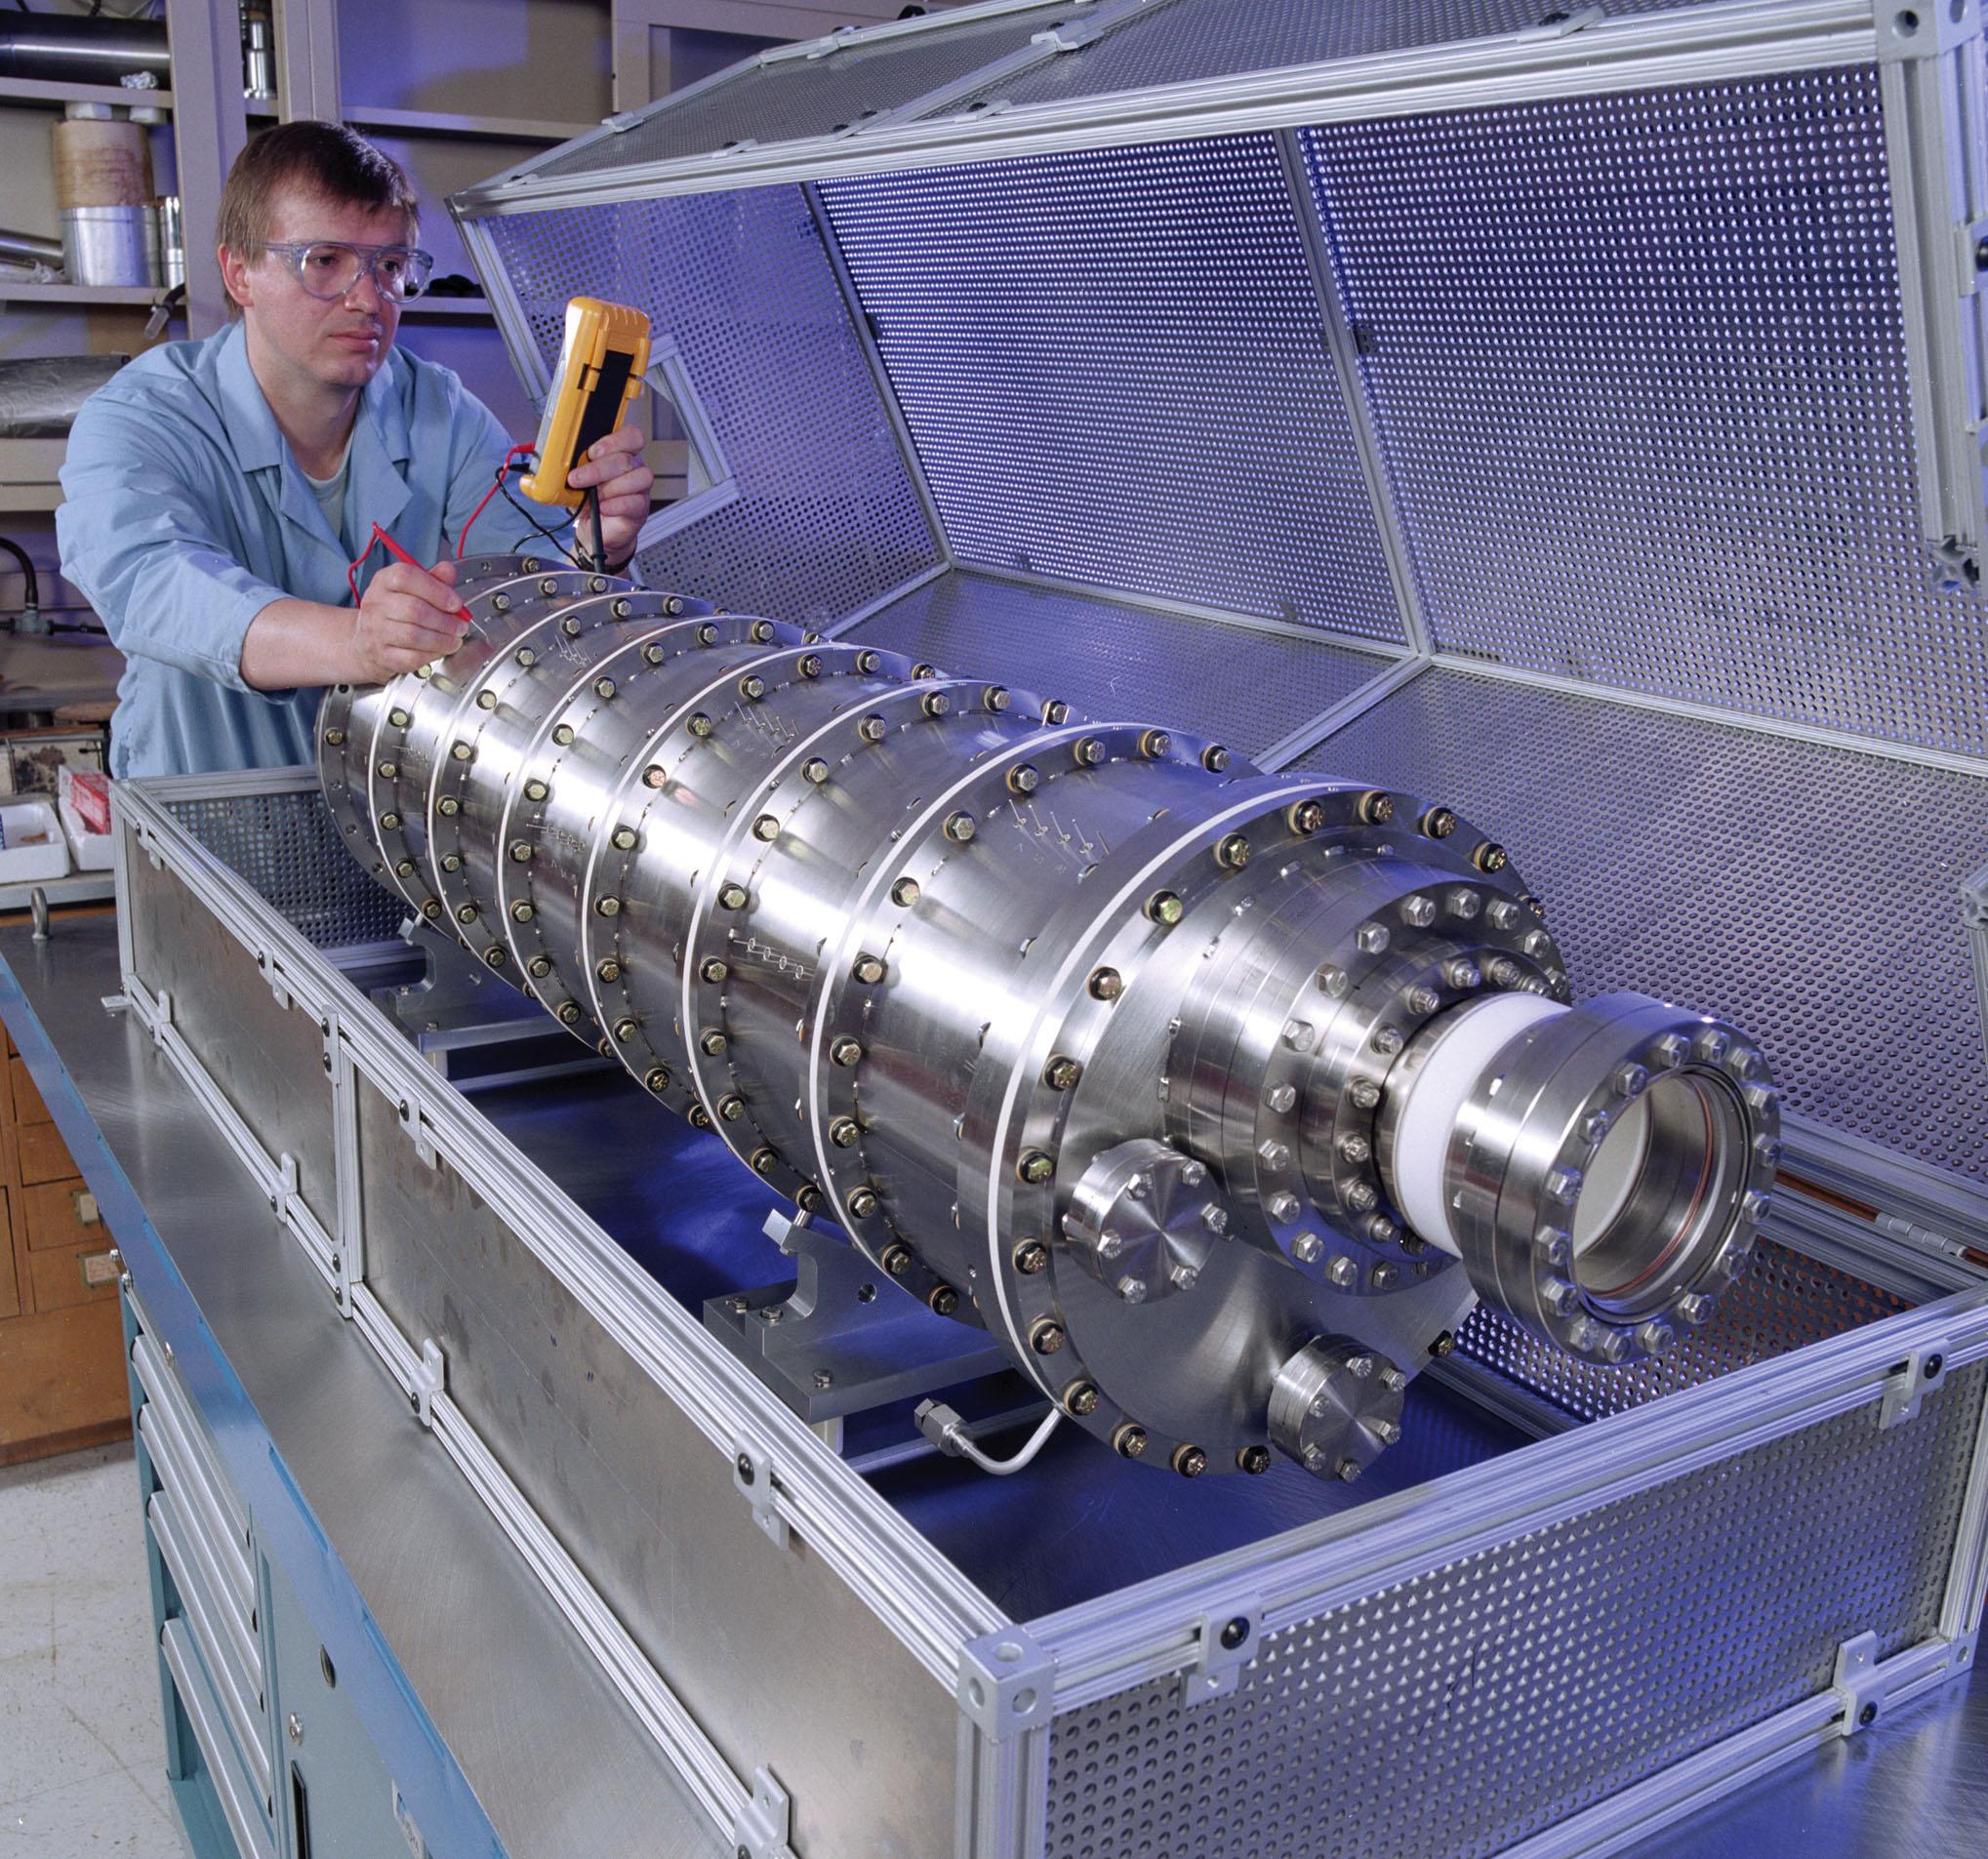 stemsubjects / Nuclear physicist